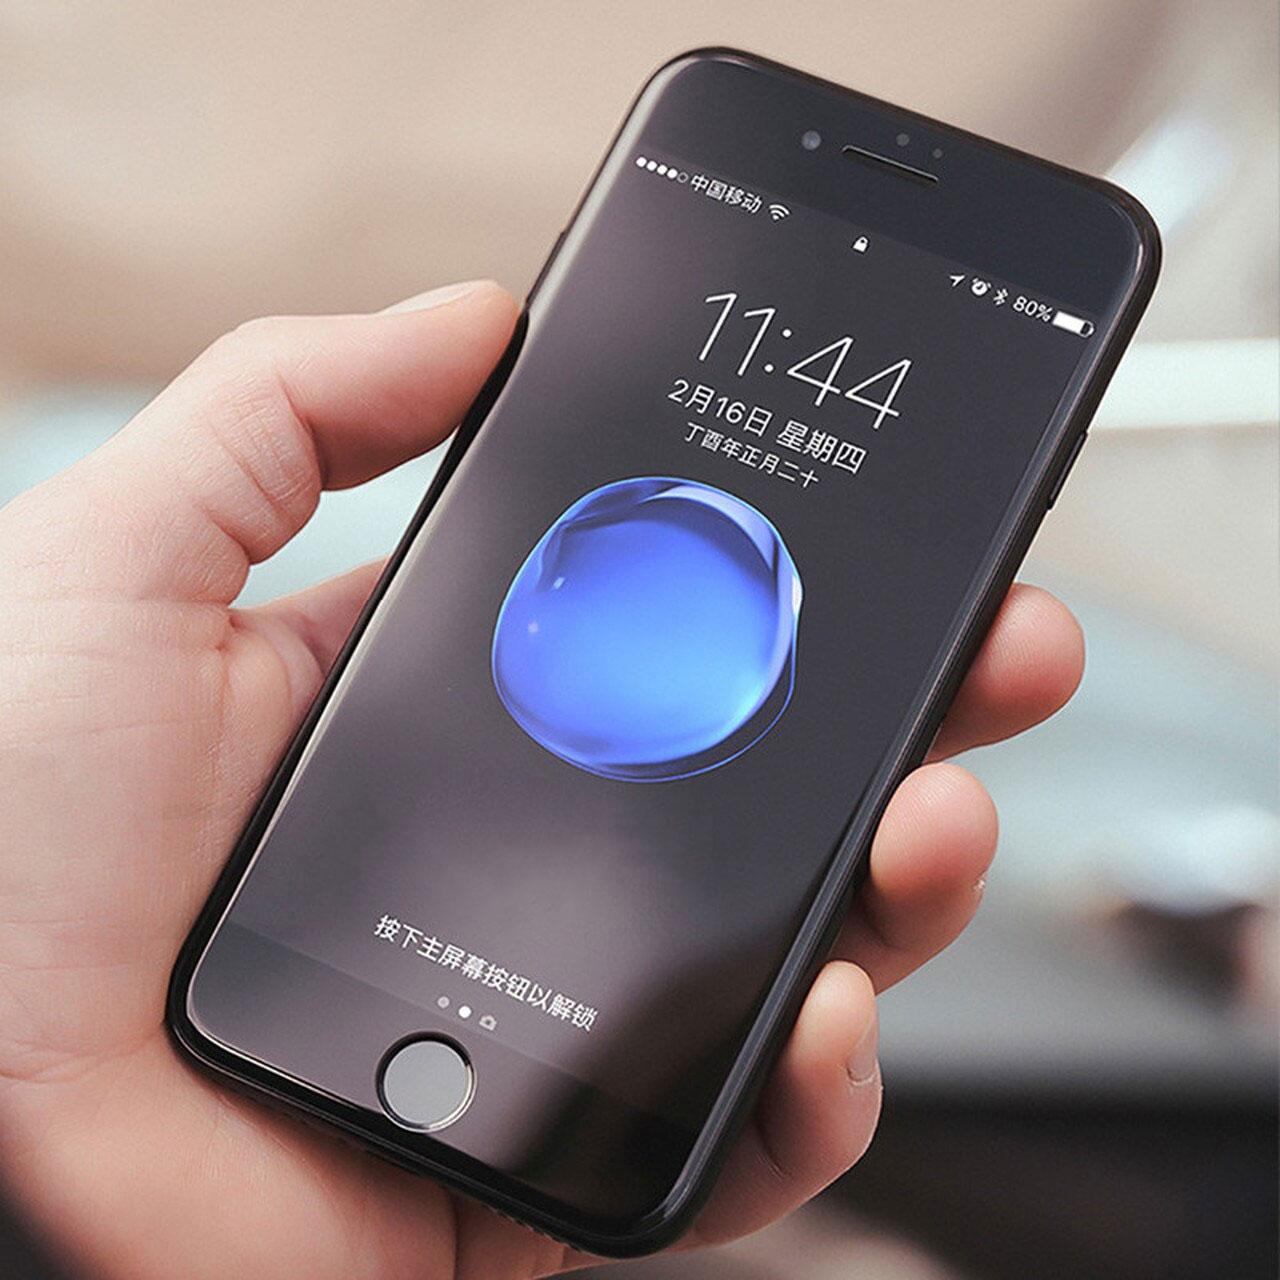 محافظ صفحه نمایش مدل FCG مناسب برای گوشی موبایل اپل iPhone 7 Plus main 1 6